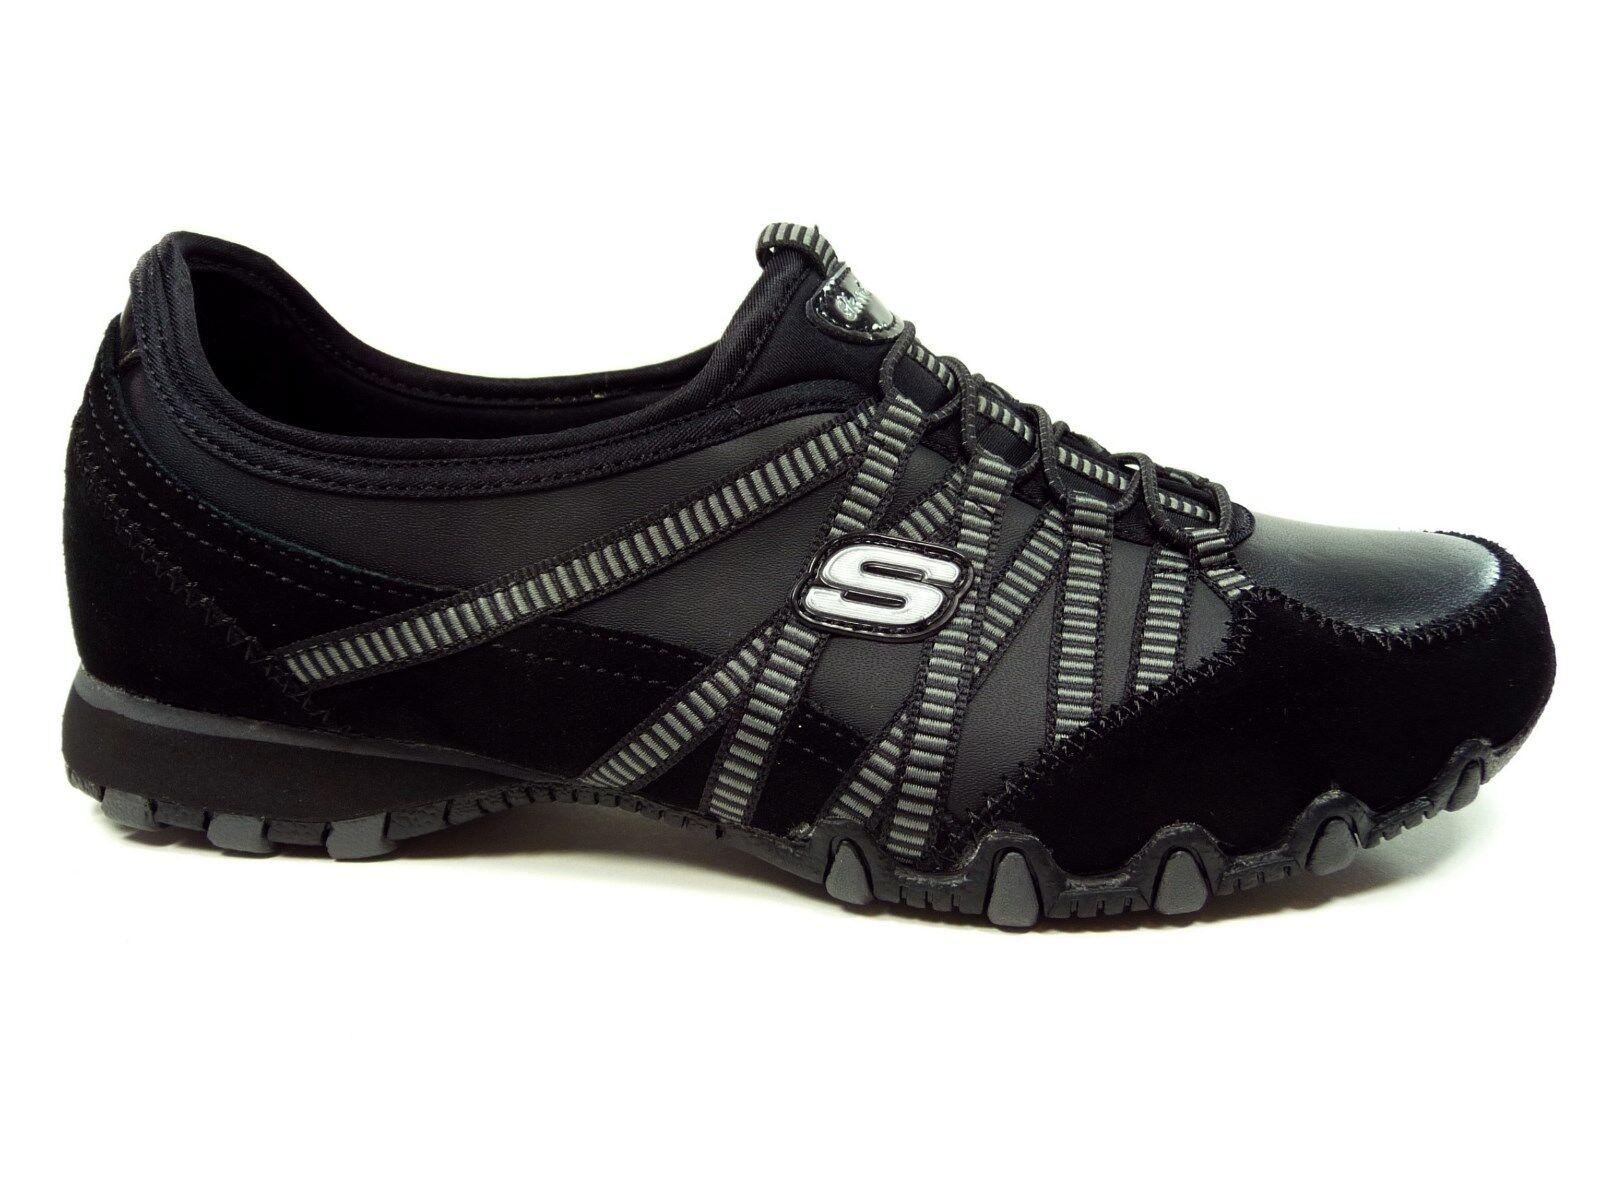 Skechers Damenhalbschuhe Sneakers Slipper in Schwarz 21140/BKCC